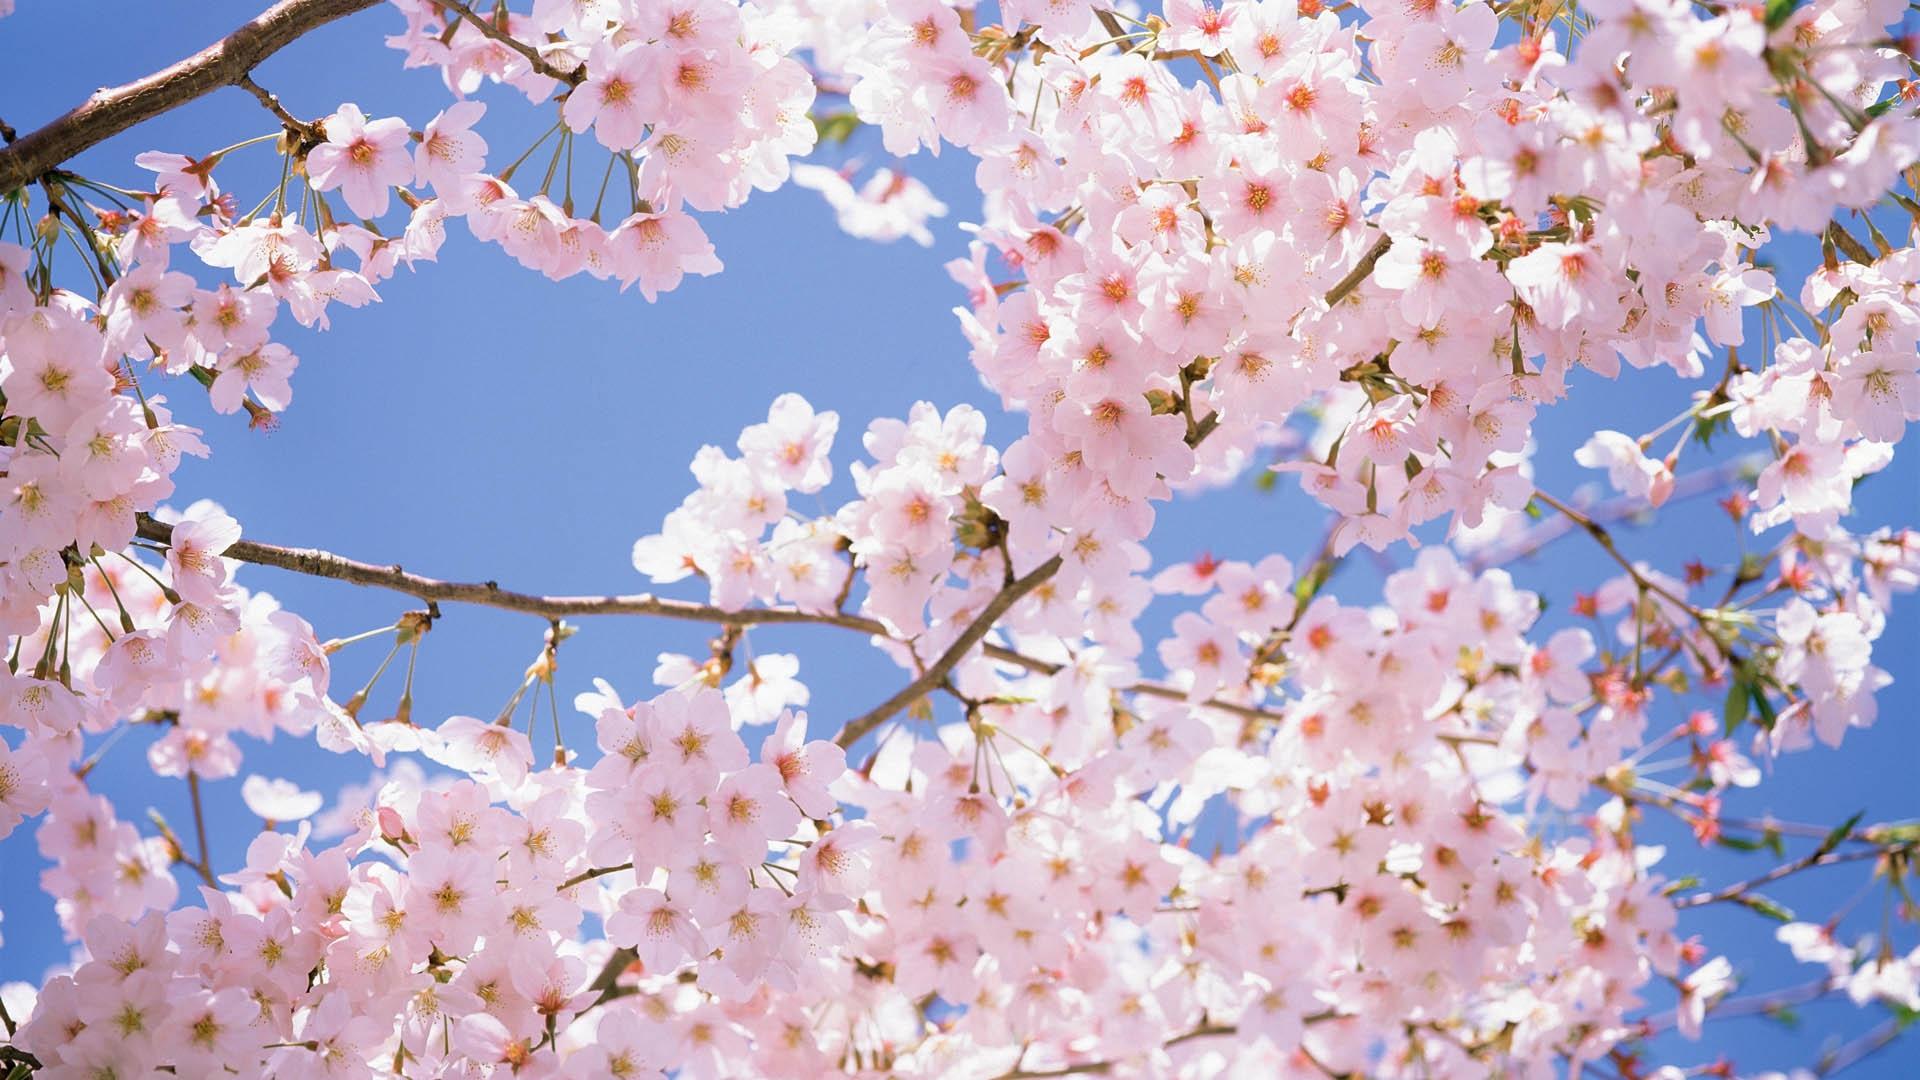 Hình nền hoa anh đào khoe sắc